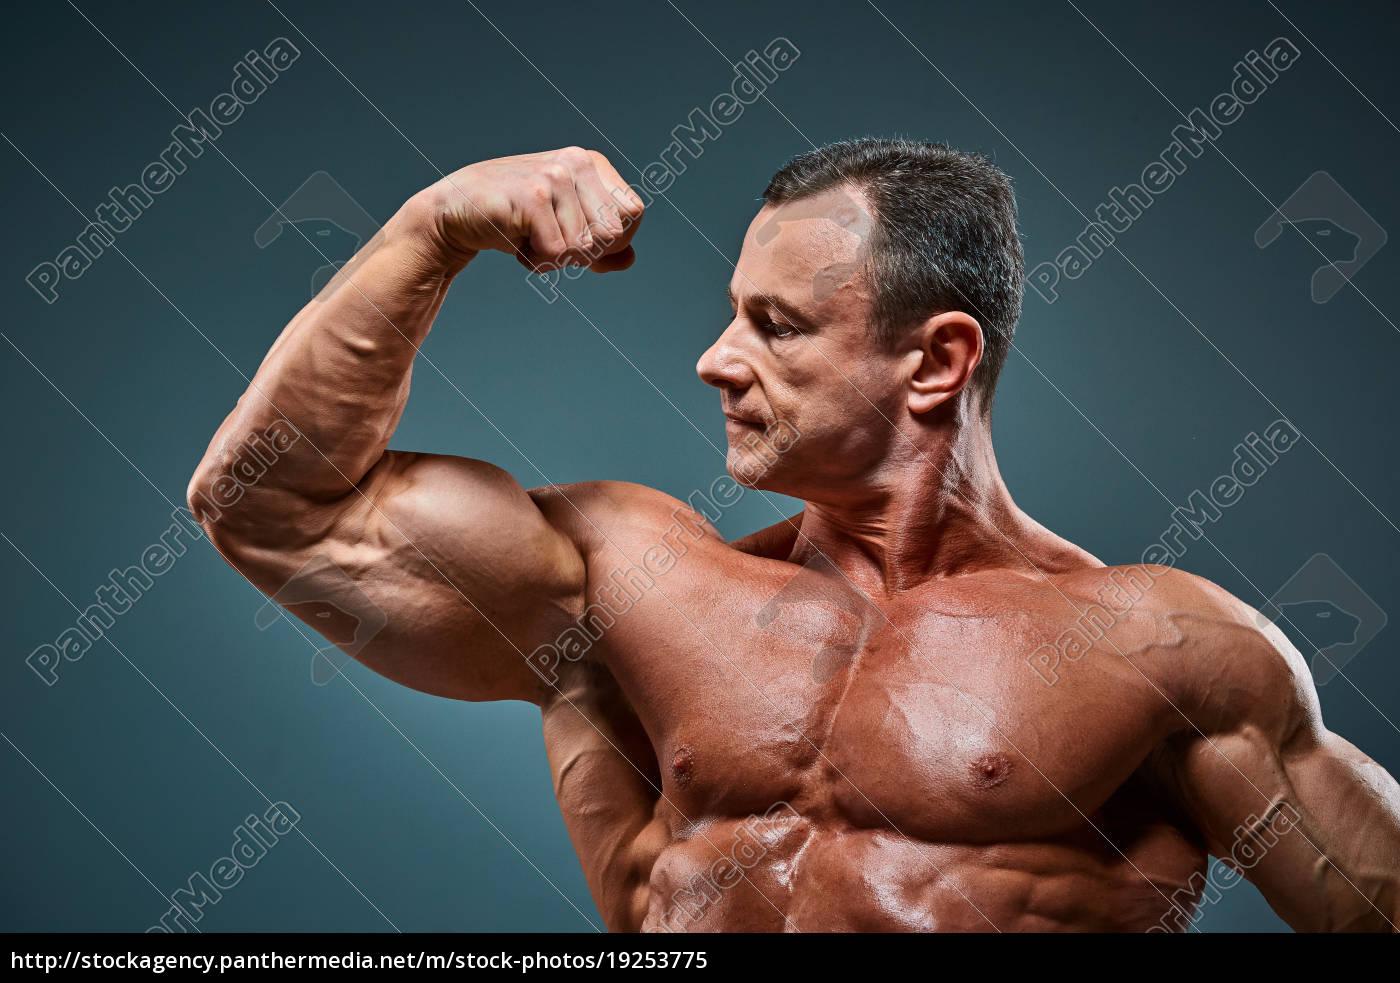 torso, of, attractive, male, body, builder - 19253775